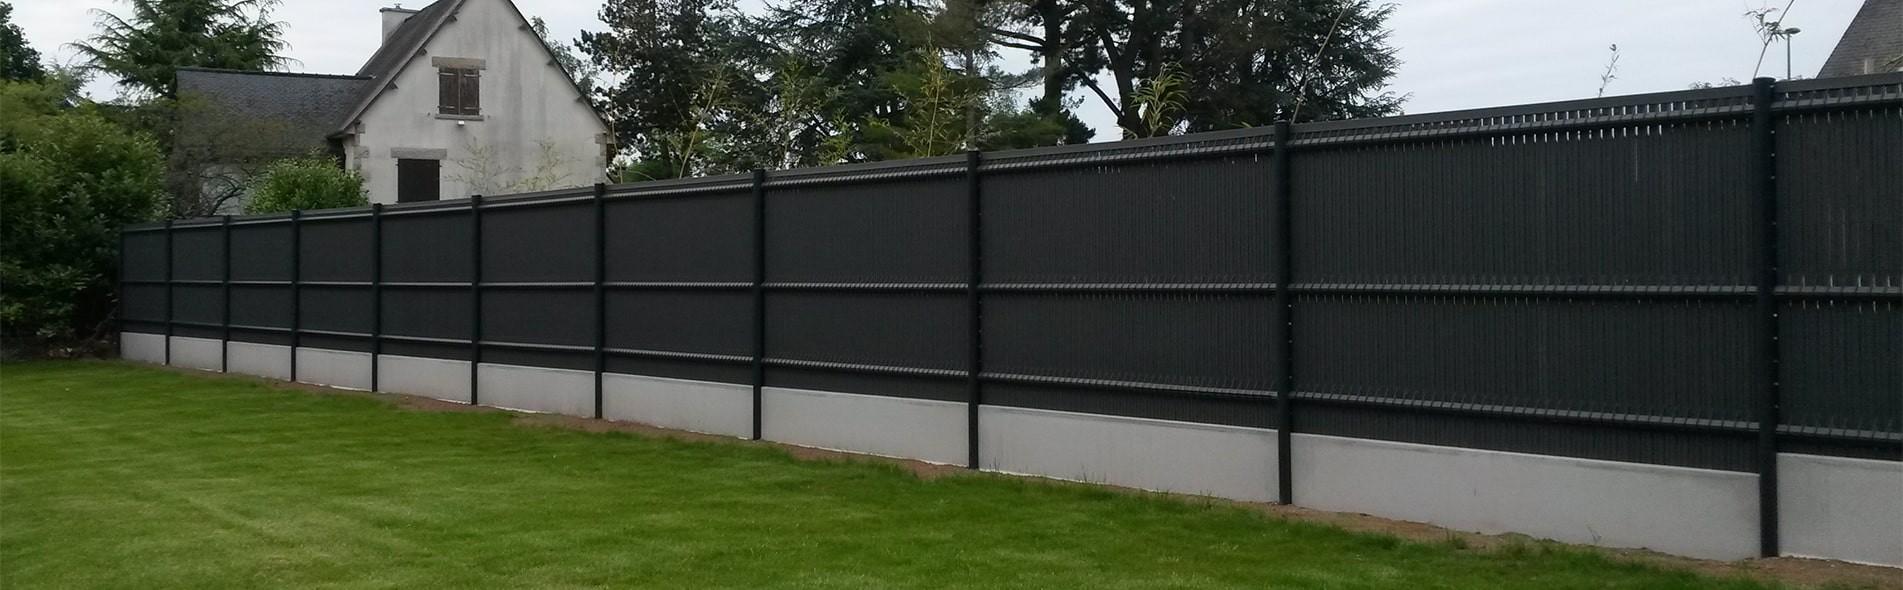 Vente De Clôtures Rigides (Pvc, Alu) Grillages & Portails concernant Portail De Jardin Pas Cher